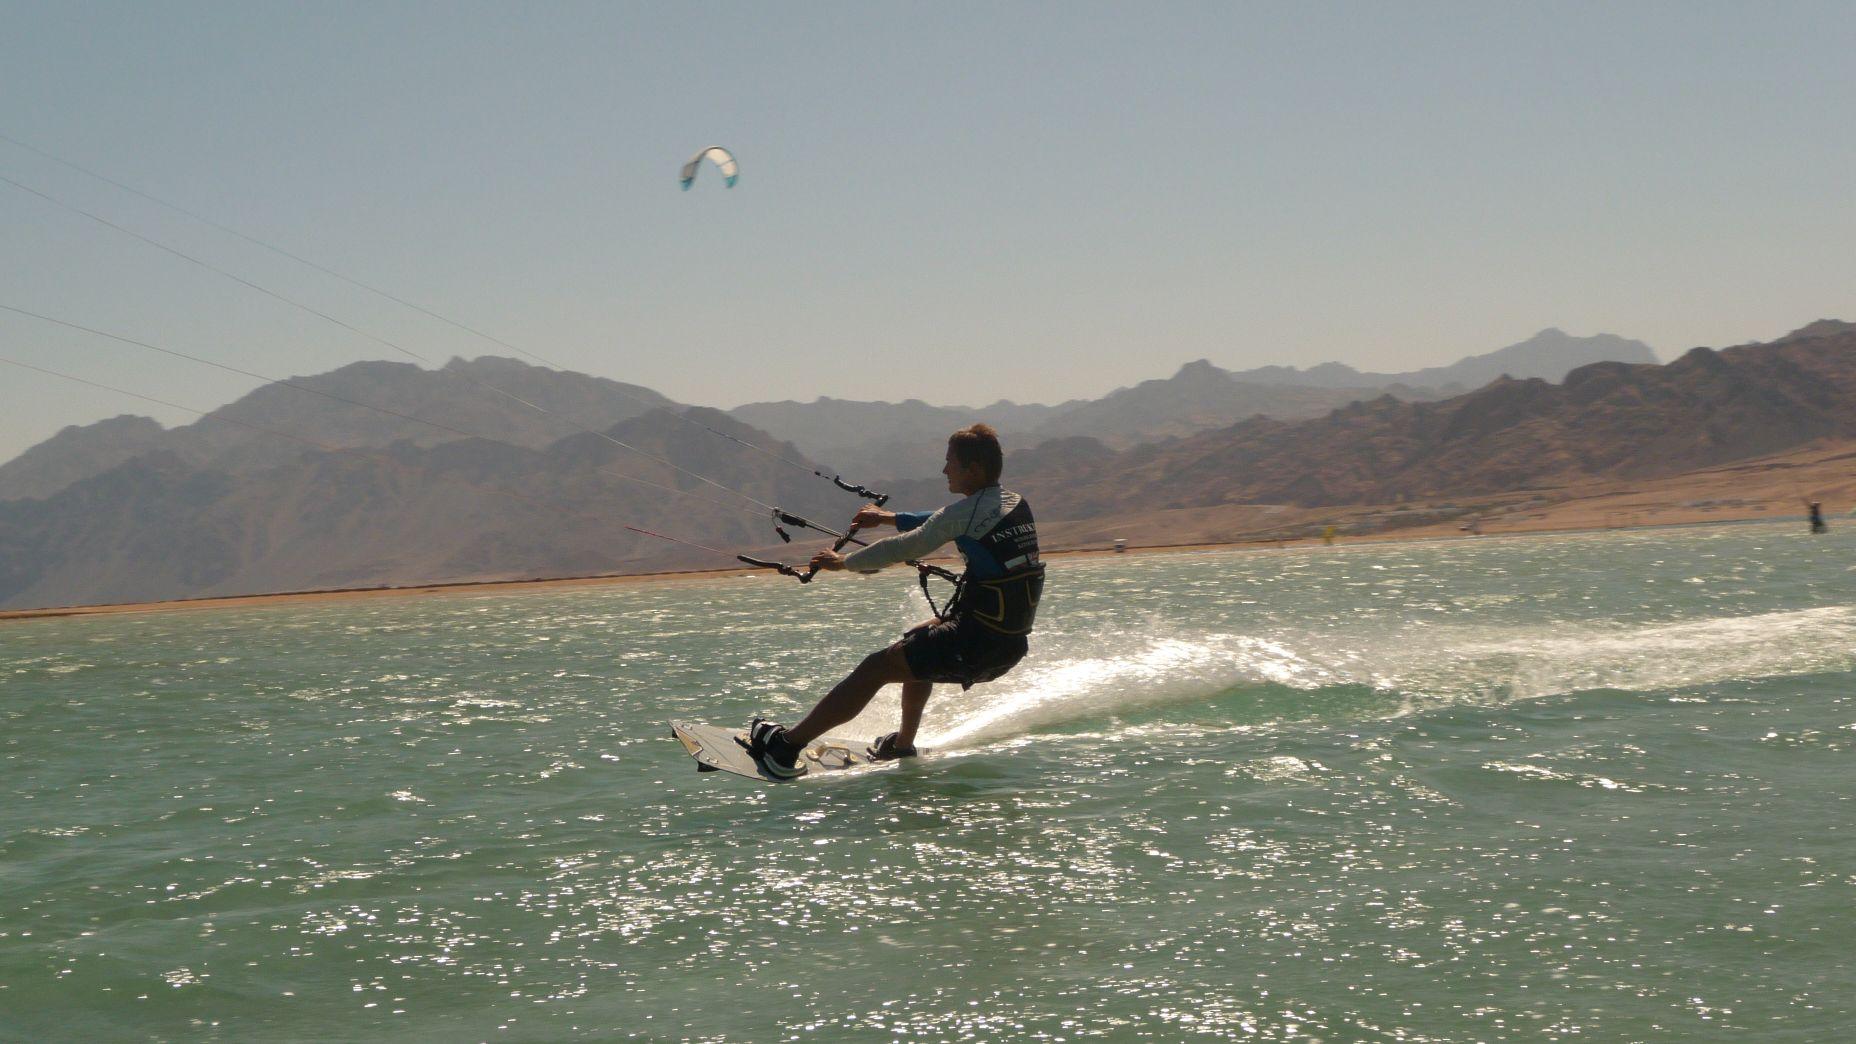 Dahab - sesja freestyle kitesurfing - zdjęcia, atrakcje